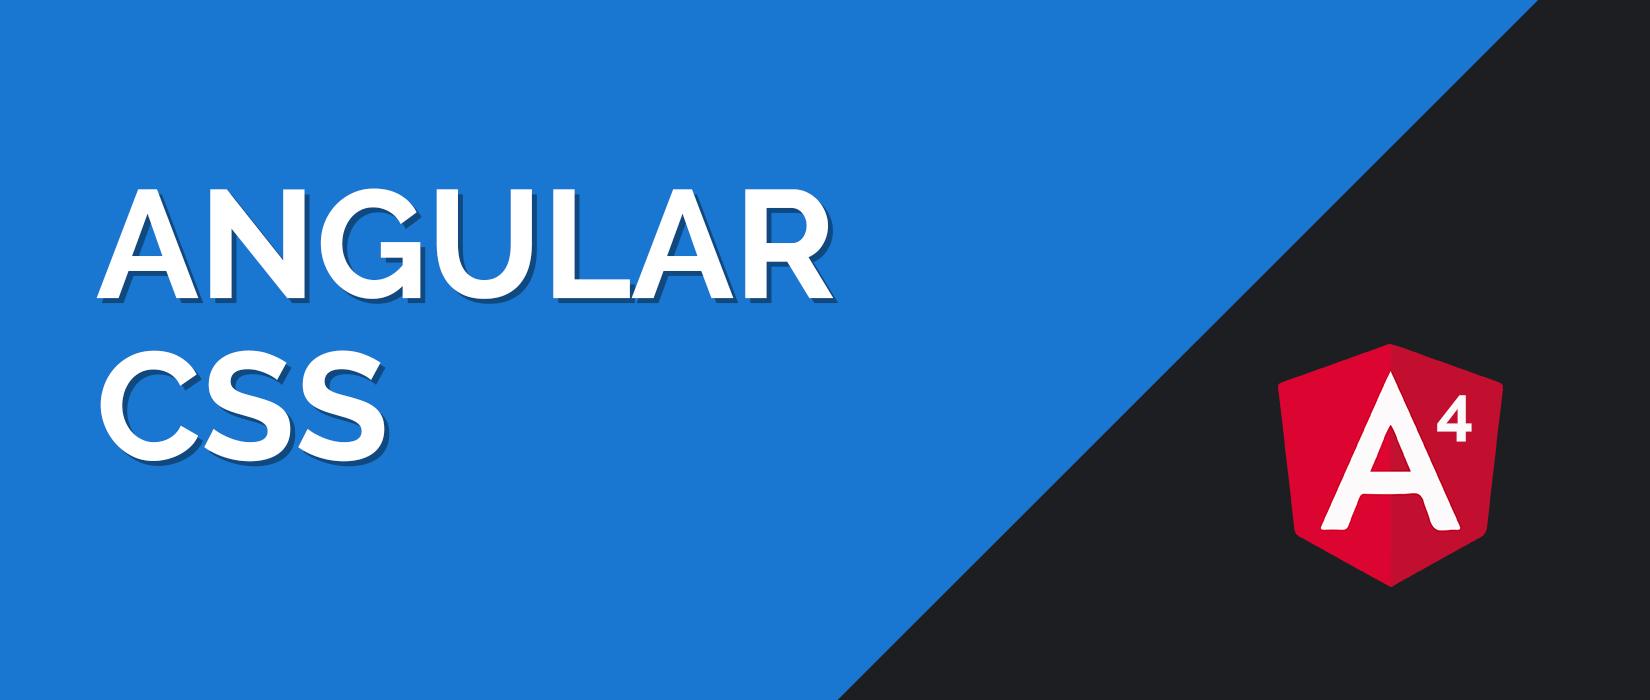 Angular 4 CSS Tutorial